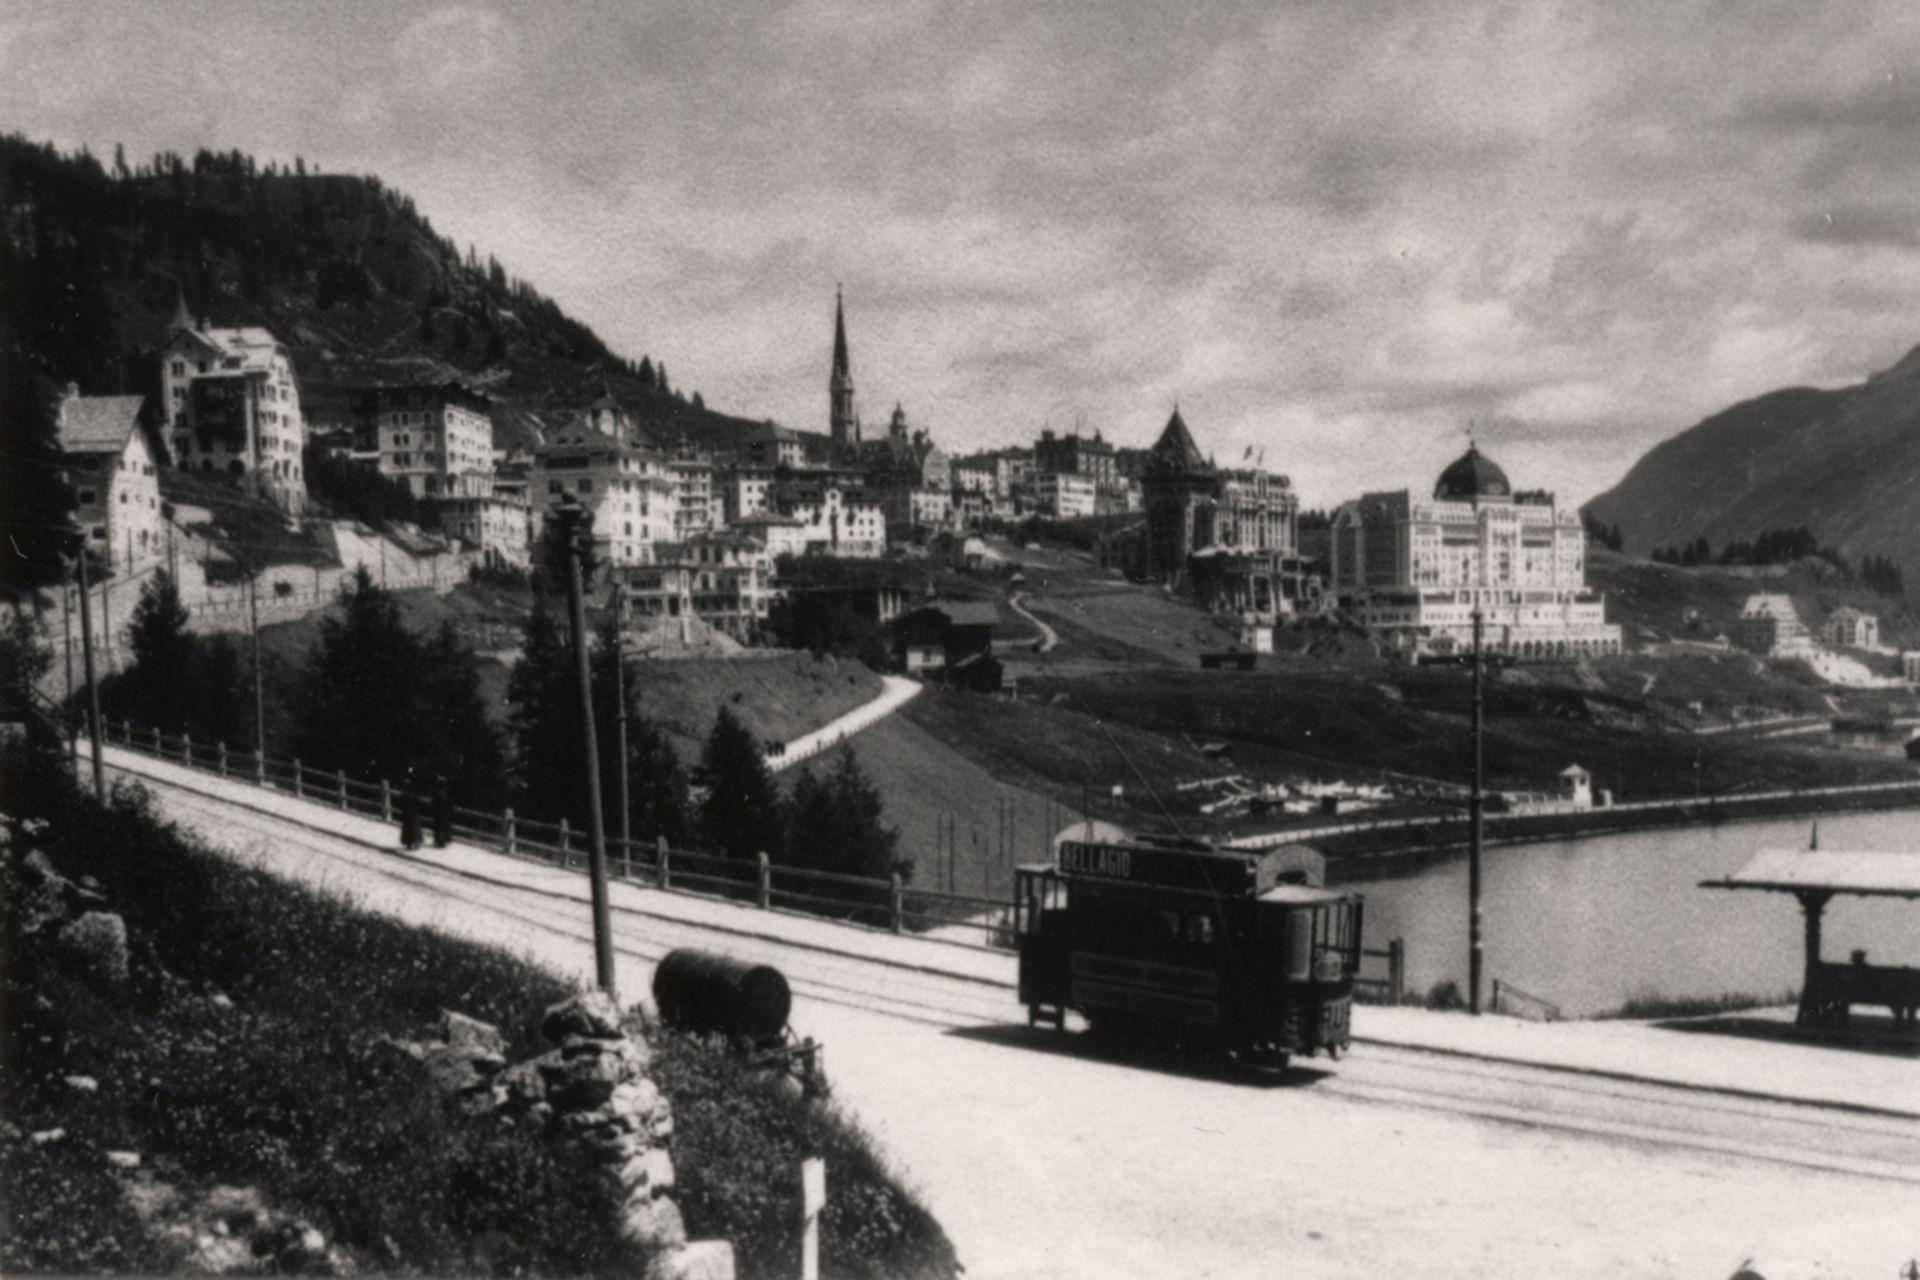 St Moritz dal primo Cinquecento a fine Ottocento nelle annotazioni di William Augustus Brevoort Coolidge